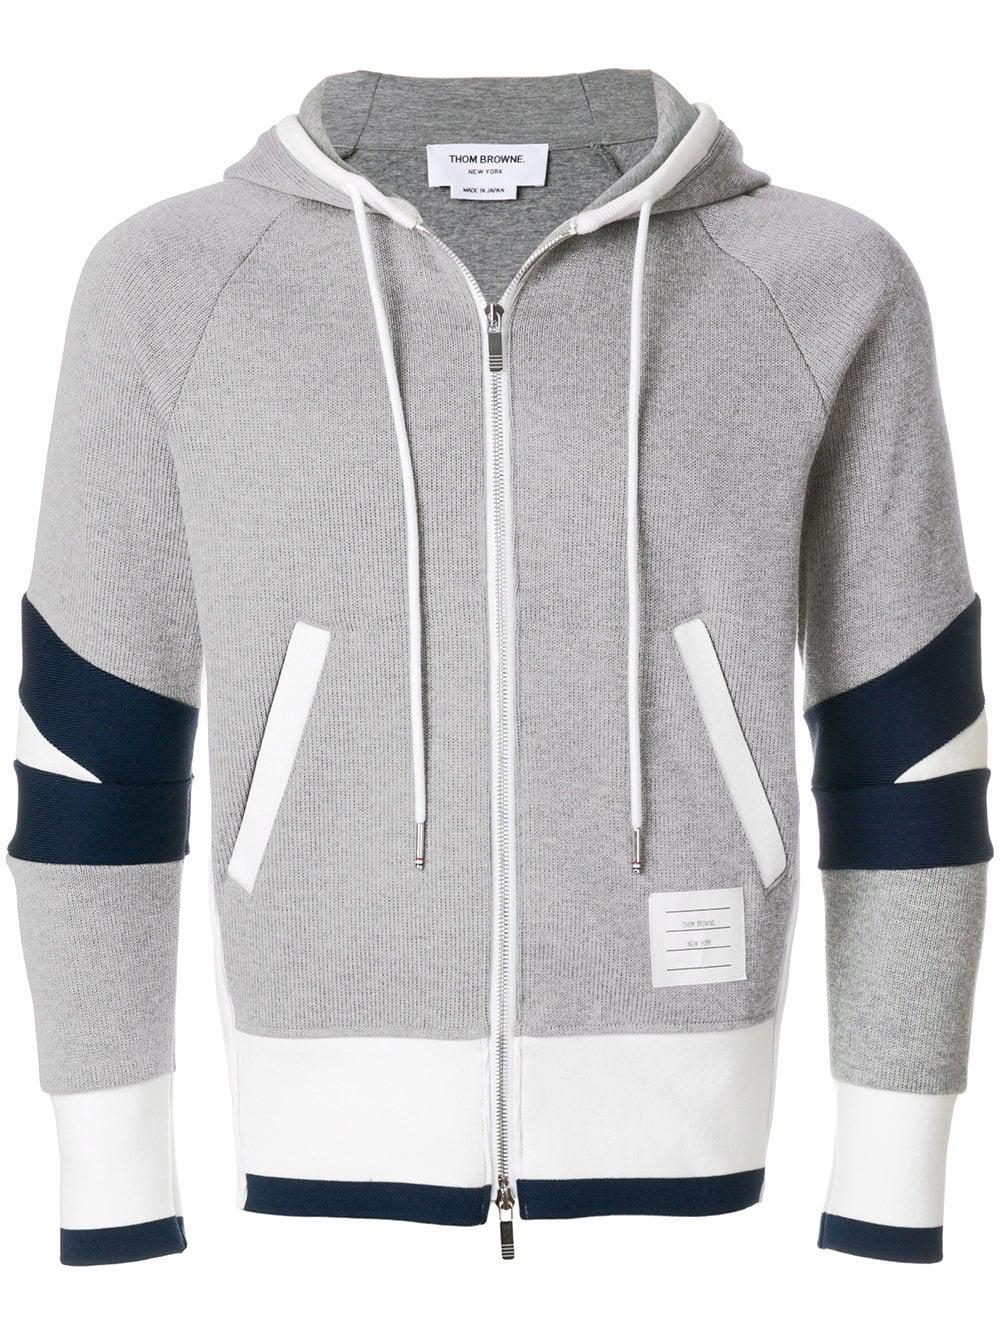 Thom Browne   Grey Zip Up Hoodie